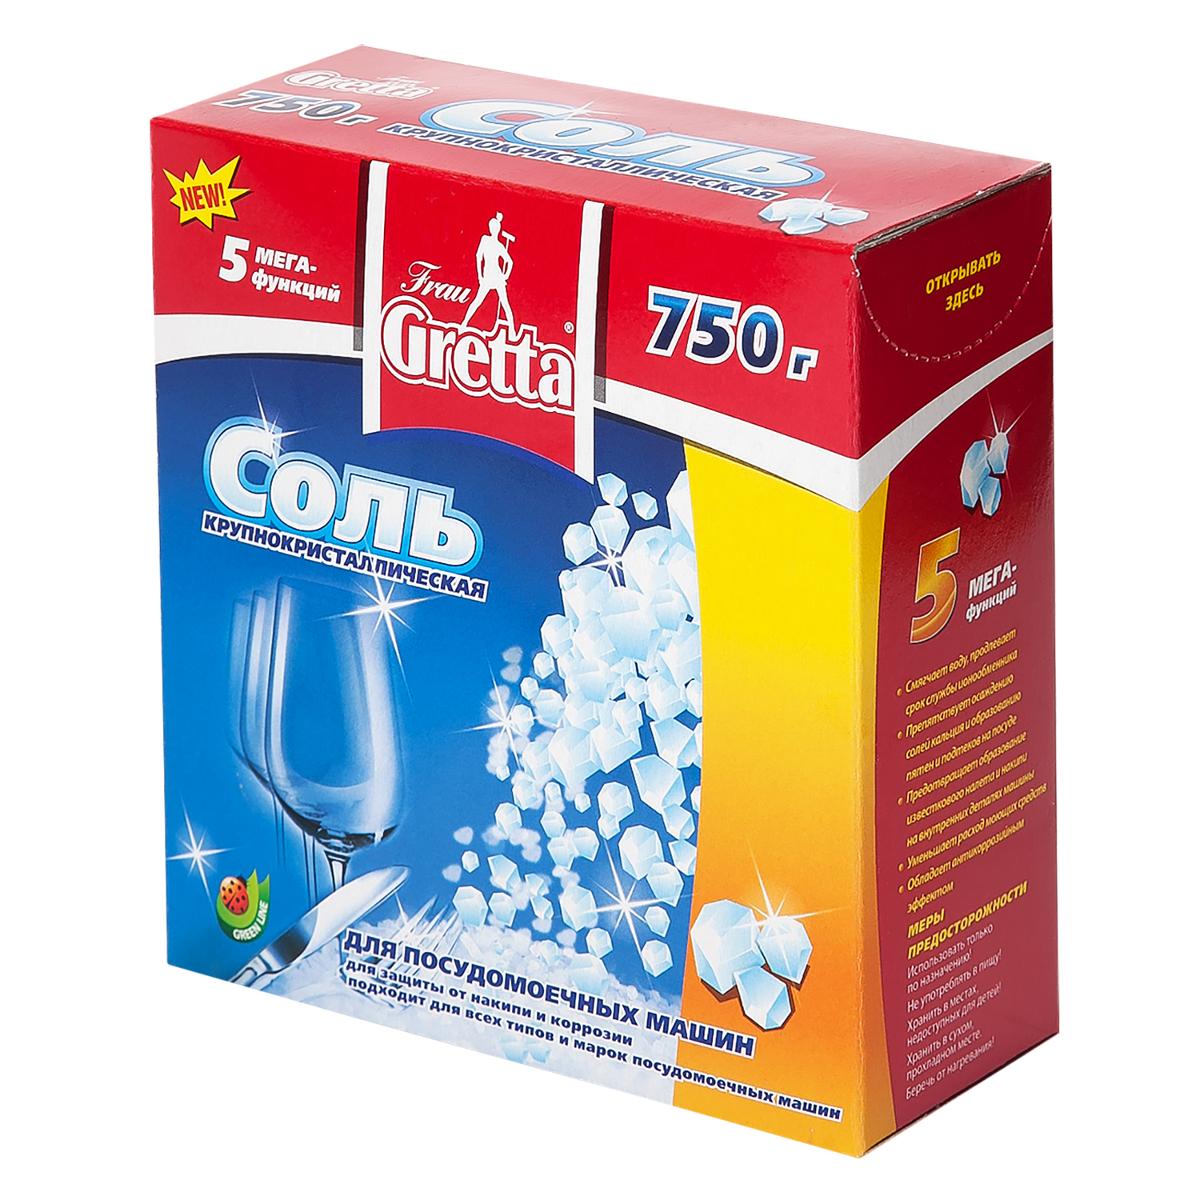 Соль для посудомоечной машины Frau Gretta 5 в 1, 0,75 кг таблетки для посудомоечной машины frau gretta 10 в 1 60 шт